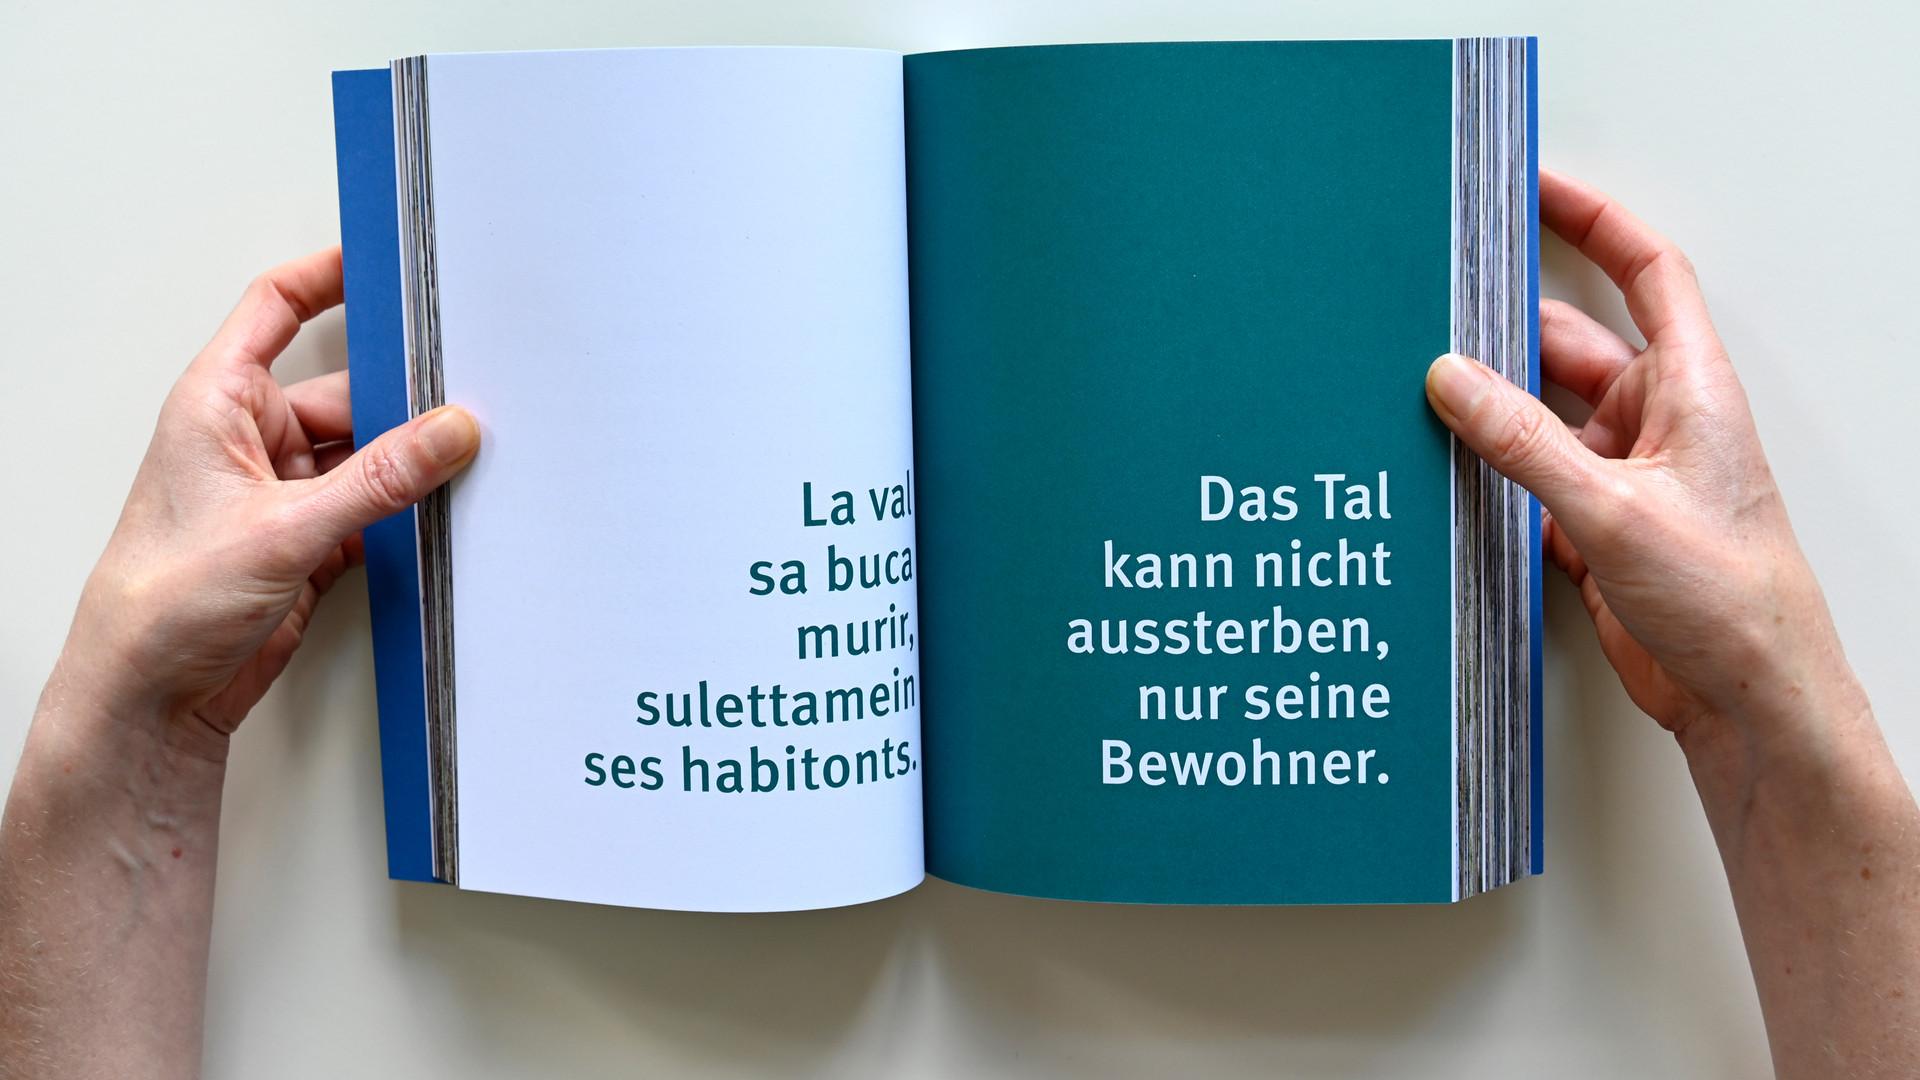 Buch ENTA MEDEL - Textseite 2